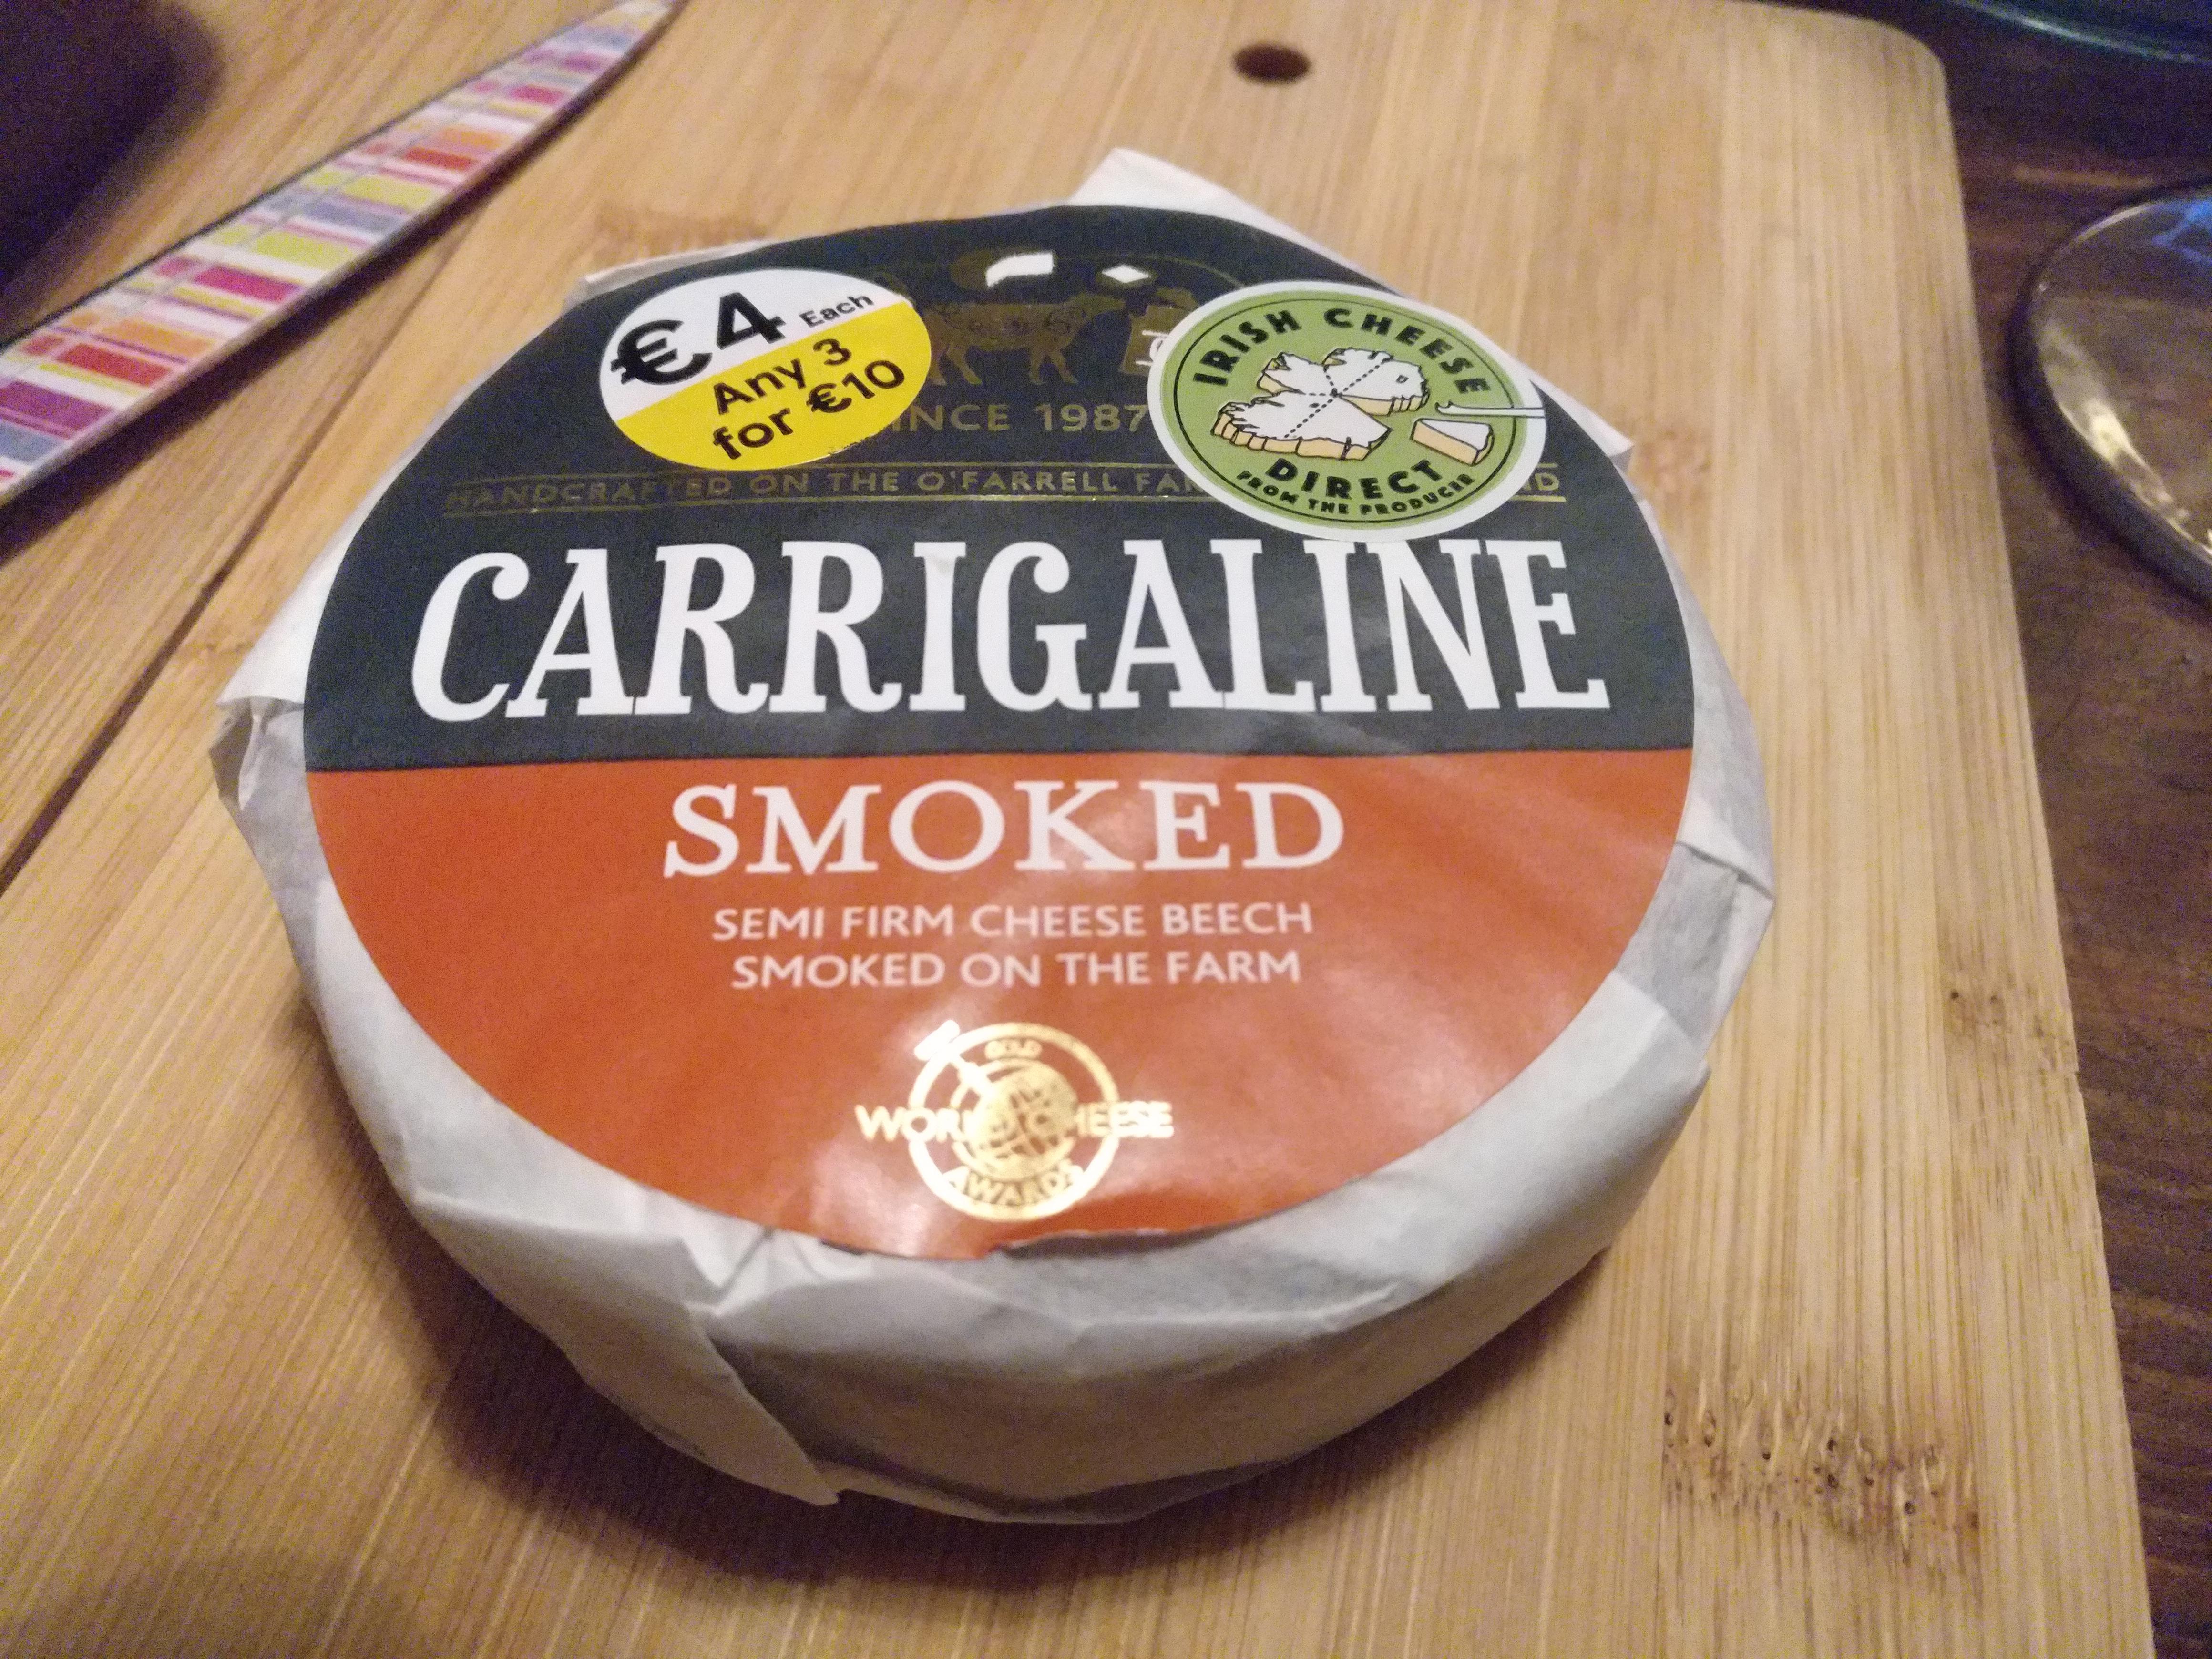 Carrigaline - Smoked